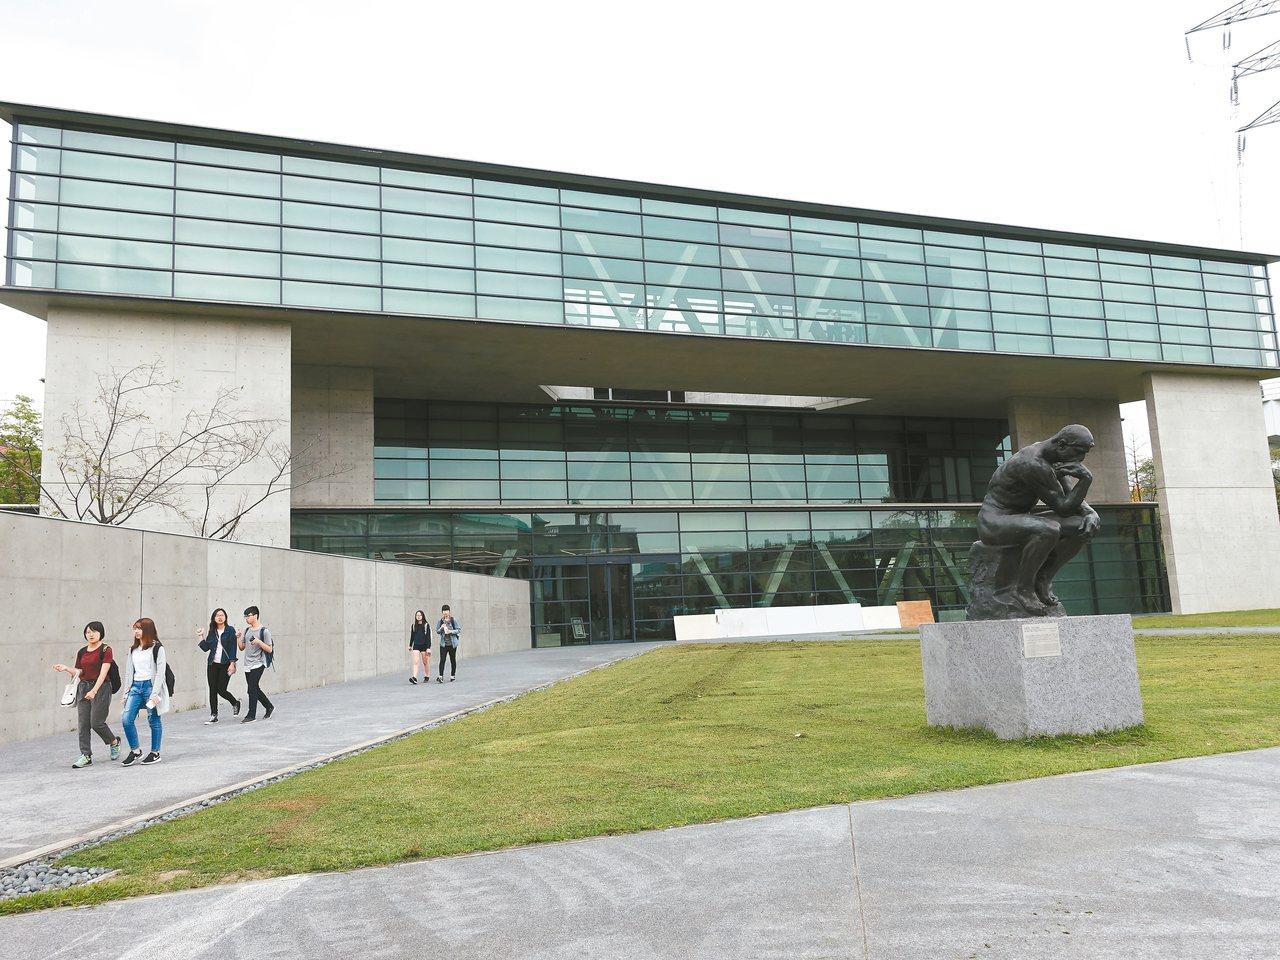 亞洲大學現代美術館採用大量玻璃構造。